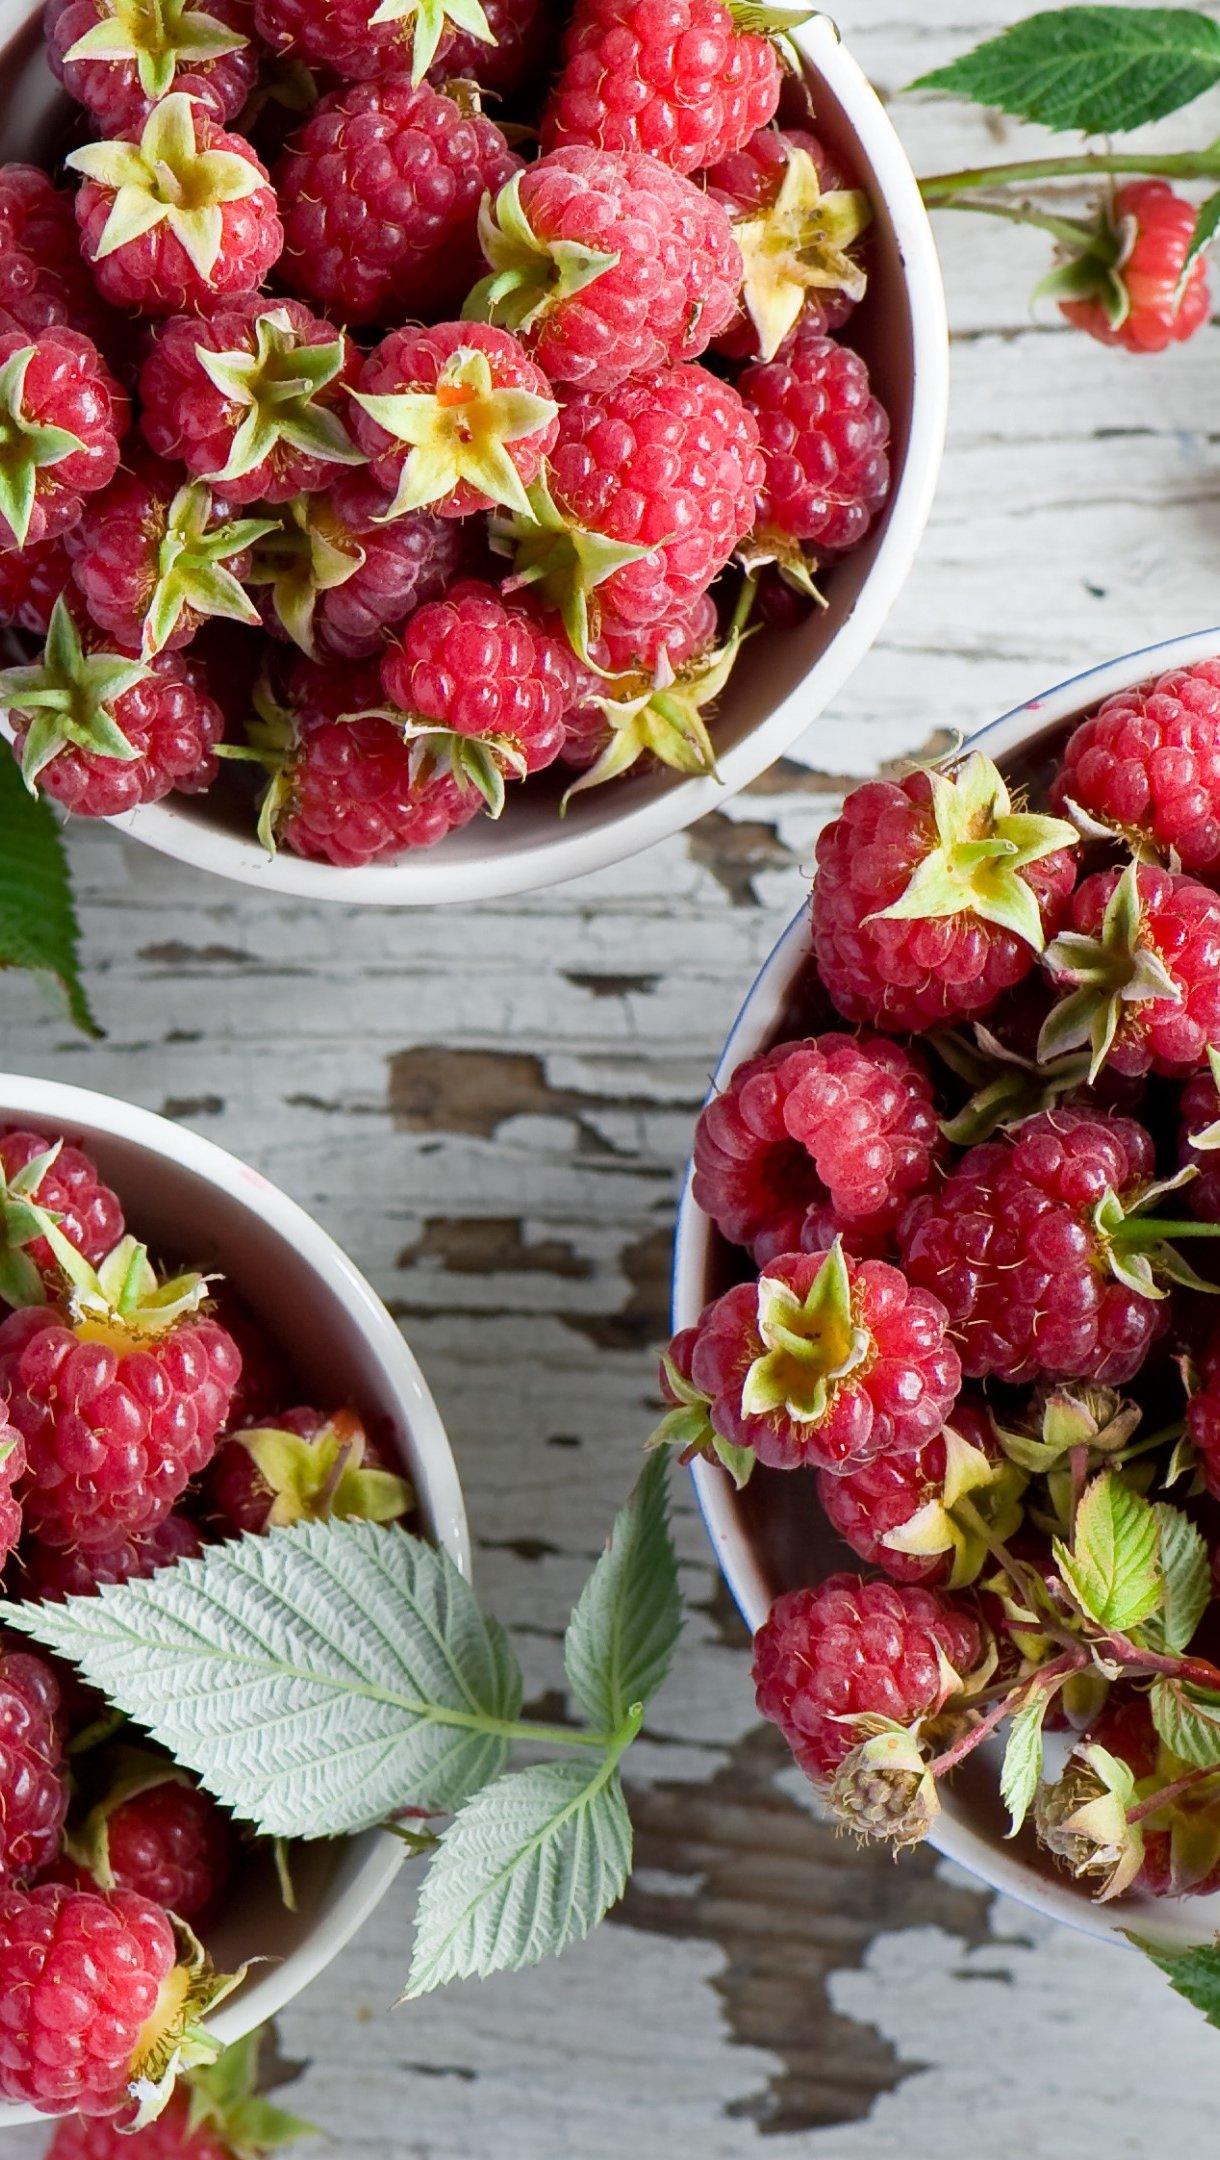 Wallpaper Table of raspberries Vertical